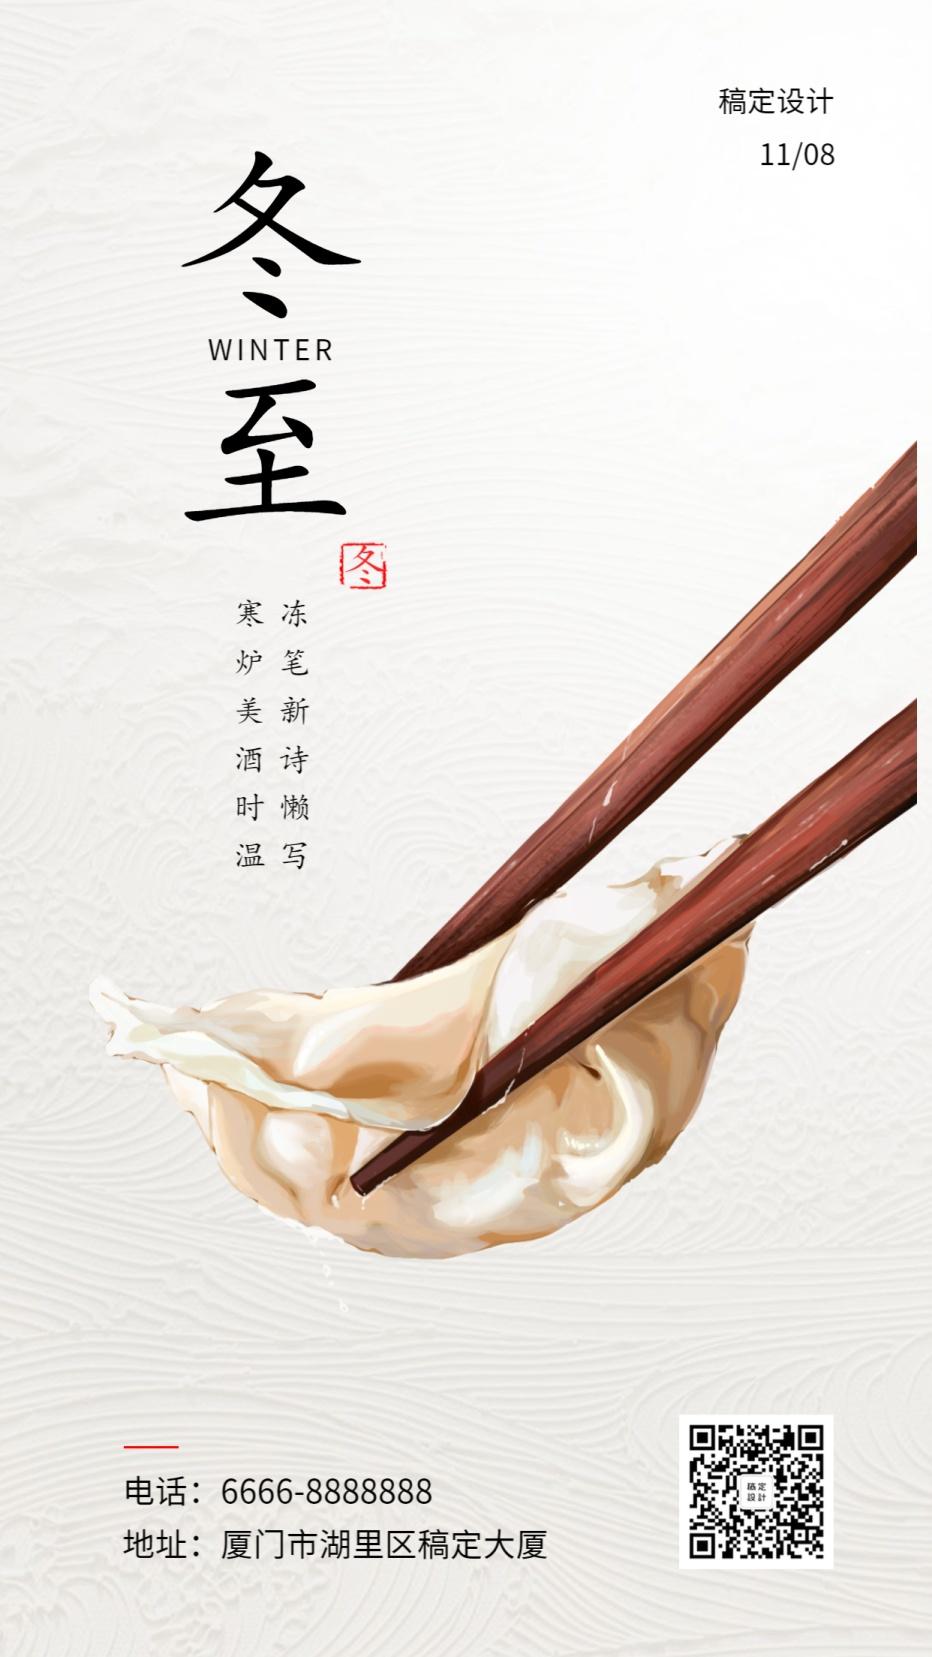 冬至/饺子/实景插画/手机海报